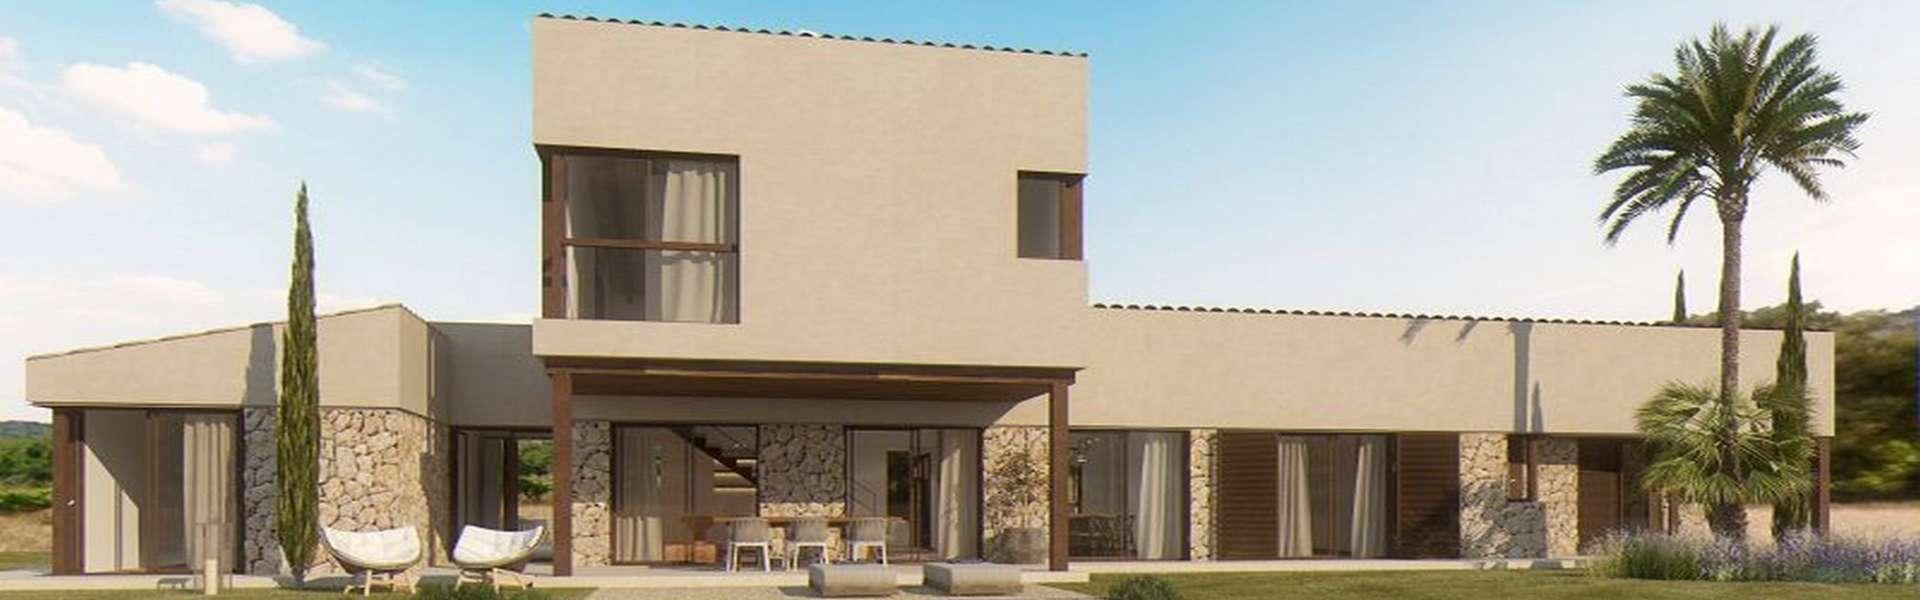 Un bonito proyecto de nueva construcción cerca de Es Trenc en venta